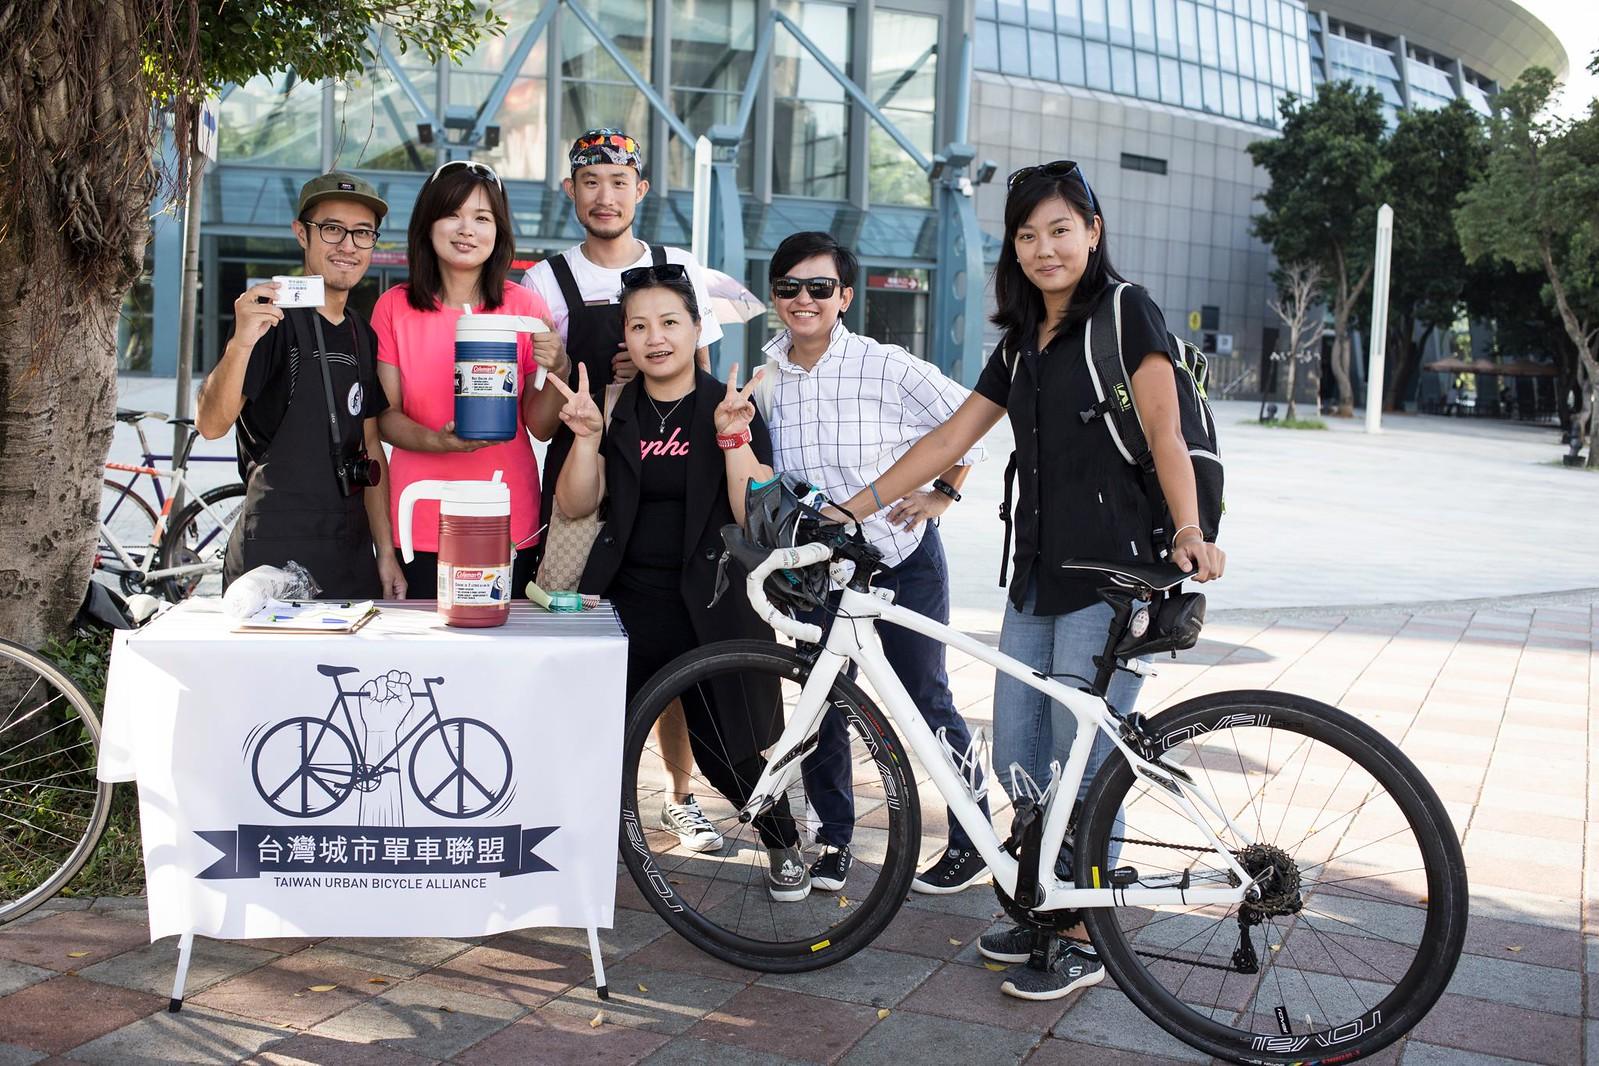 2016-08-26 單車通勤日 - 南京復興 - 15